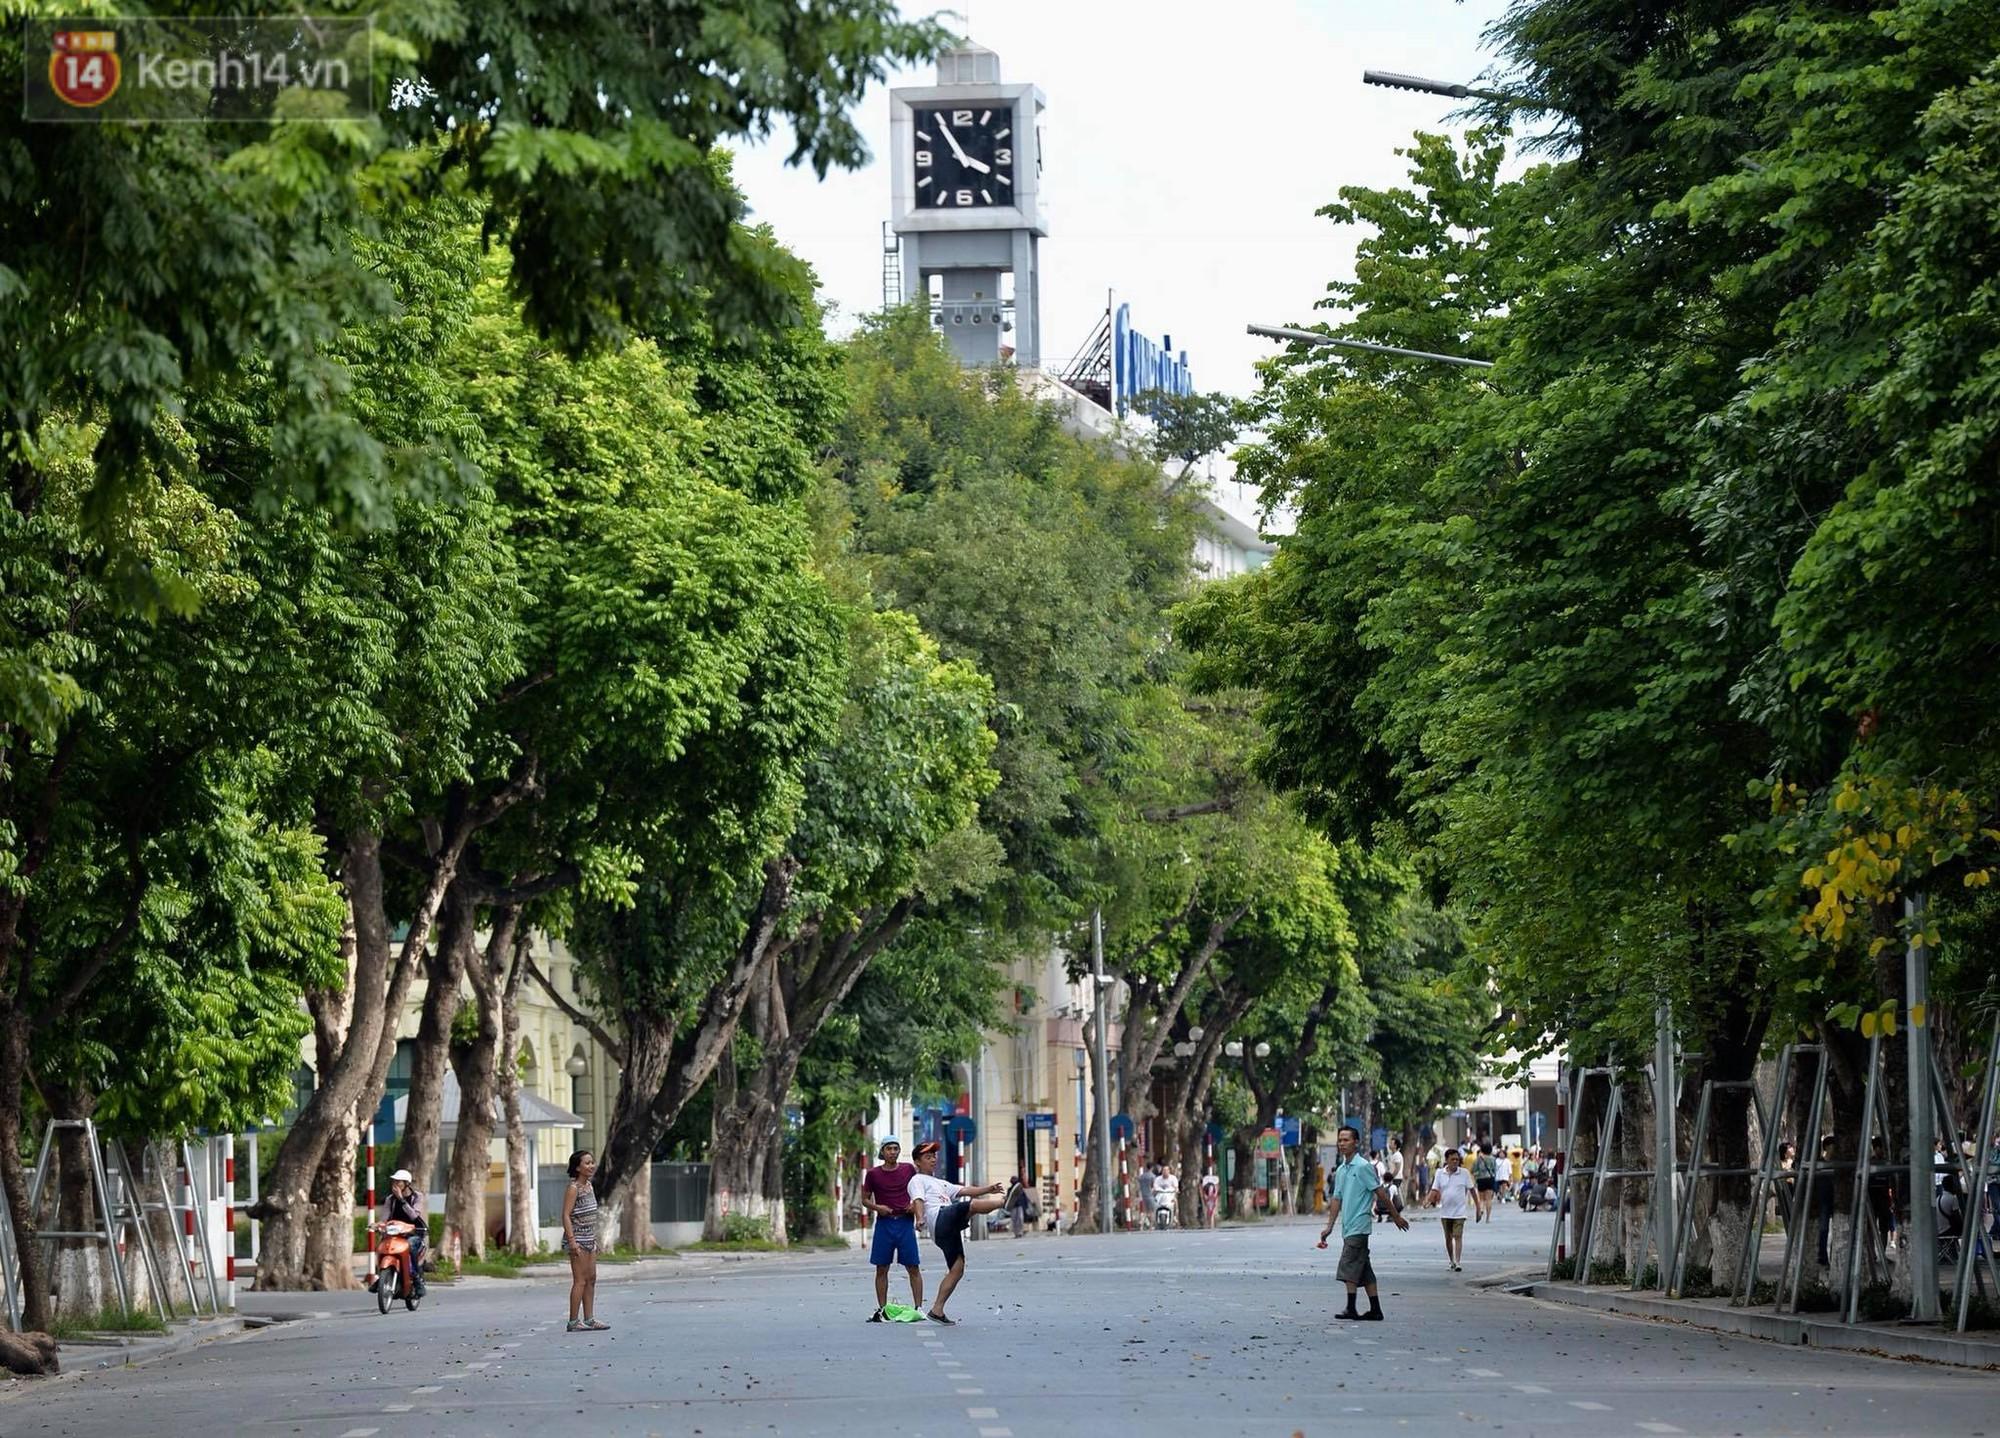 Phố đi bộ vắng tanh gần cuối giờ chiều, nhiệt độ đỉnh điểm ở Hà Nội lên tới 44 độ C - Ảnh 9.